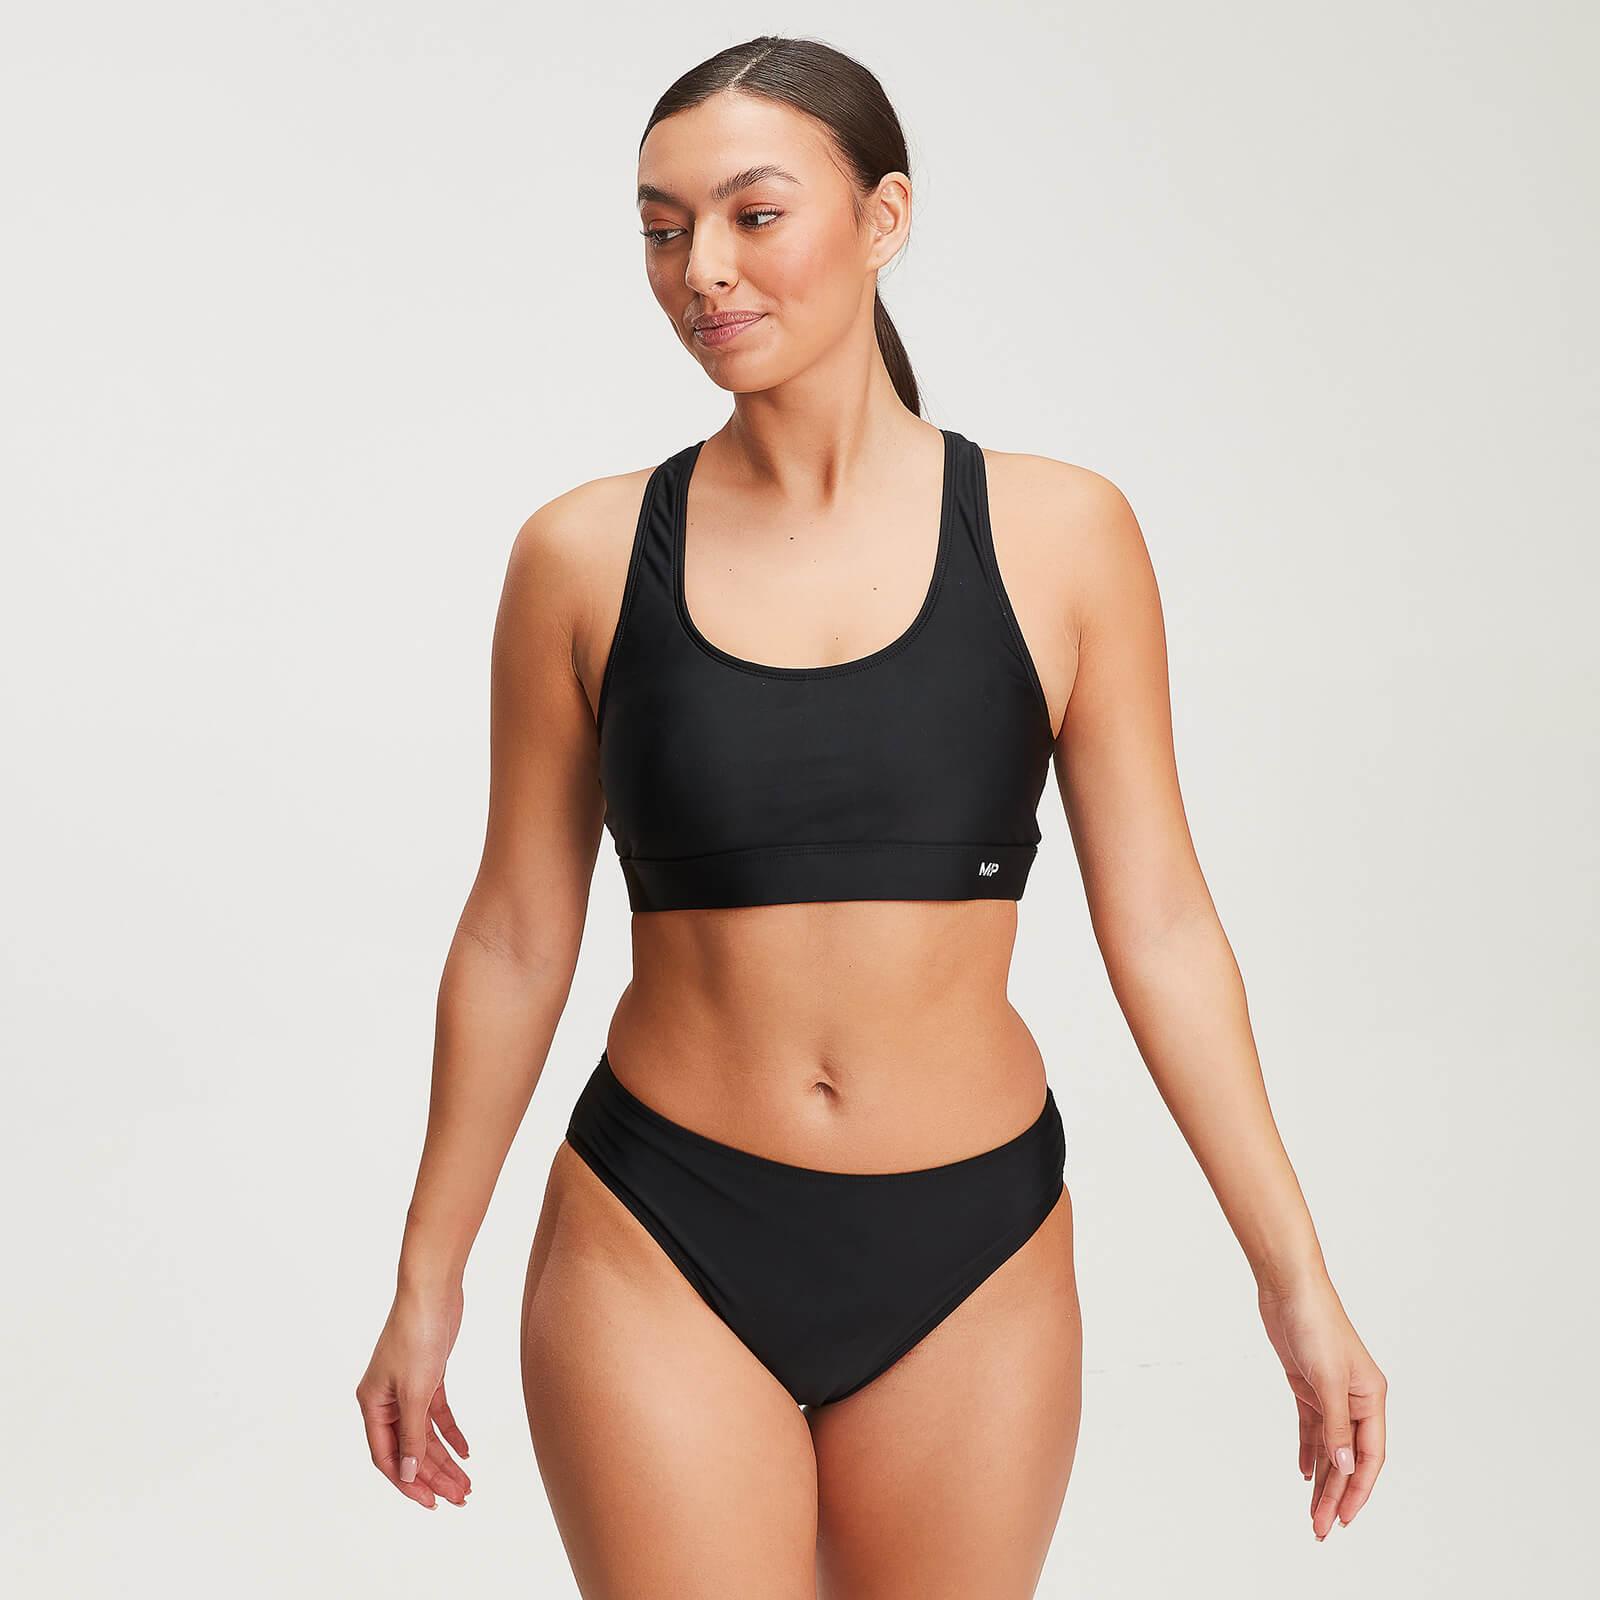 Haut de bikini Essentials - Noir - XS